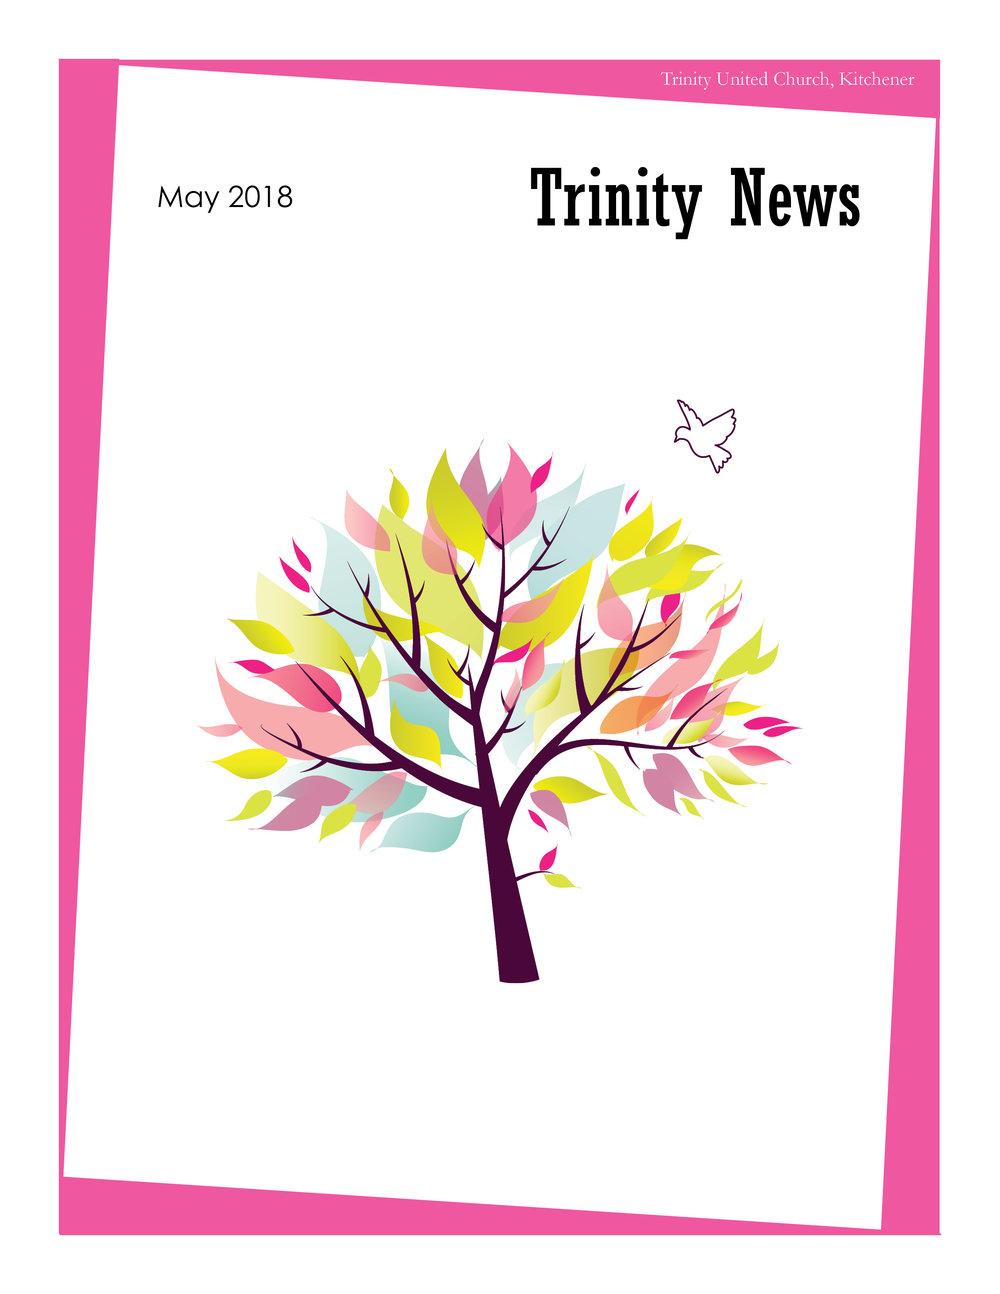 Trinity News May 2018.jpg